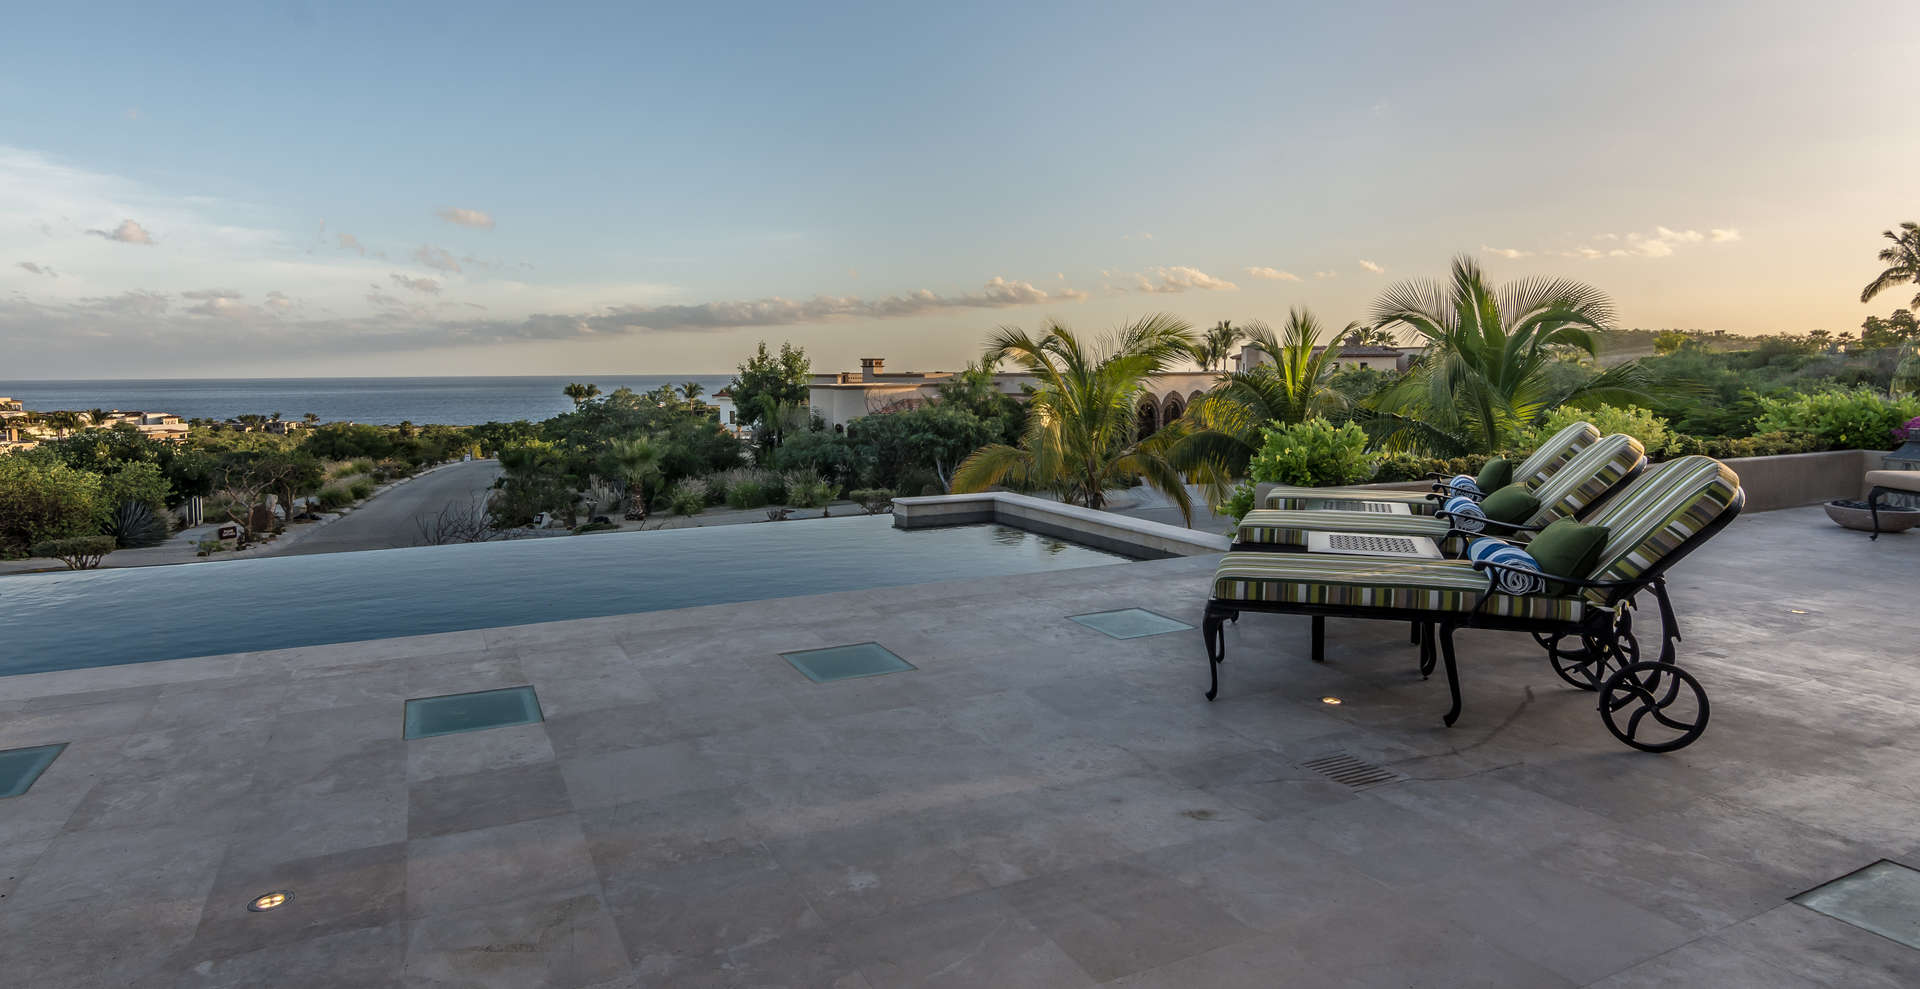 Luxury vacation rentals mexico - Los cabos - San jose del cabo - Puerto los cabos - Casa Cardenal - Image 1/35